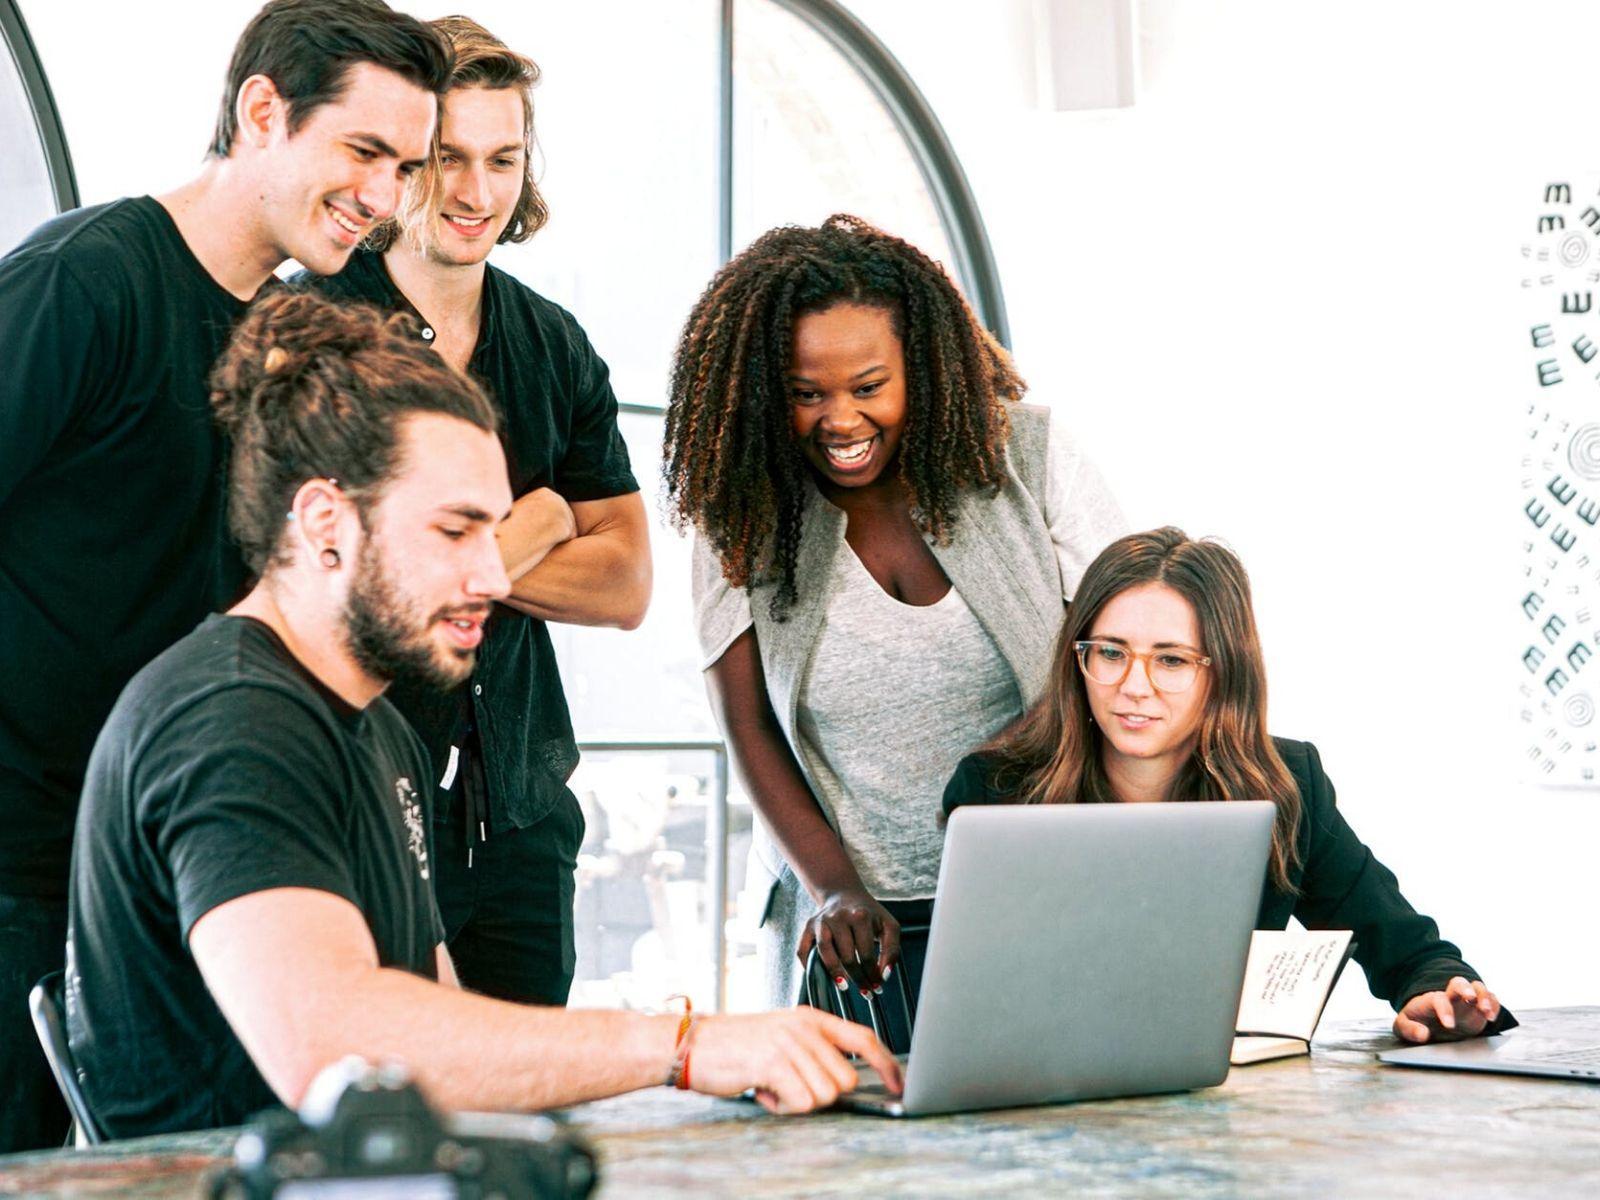 Contributo a fondo perduto del 30% per l'imprenditoria giovanile